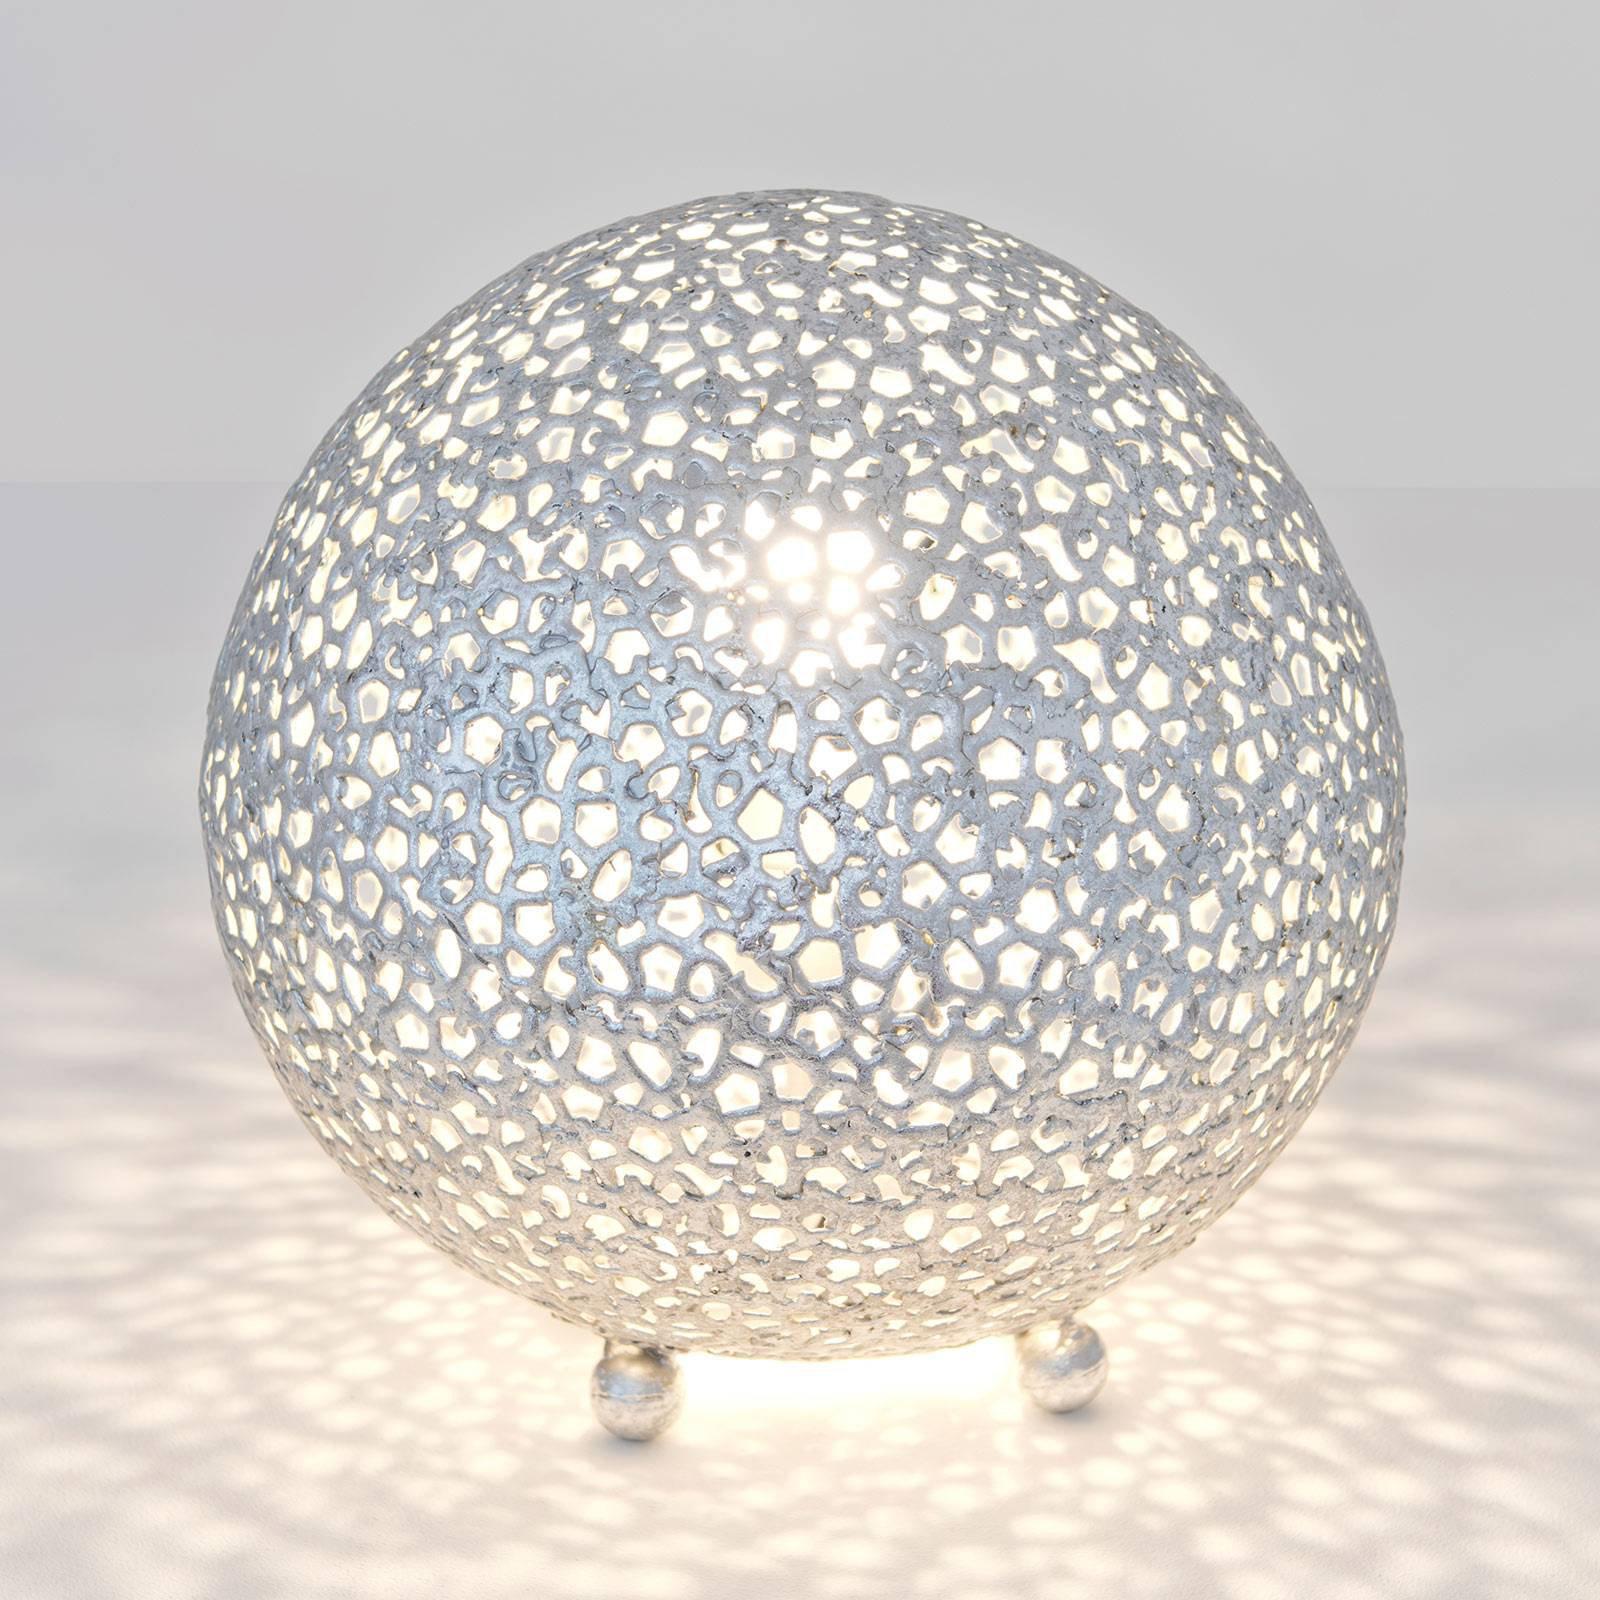 Bordlampe Lily Piccolo, Ø 33 cm, sølv